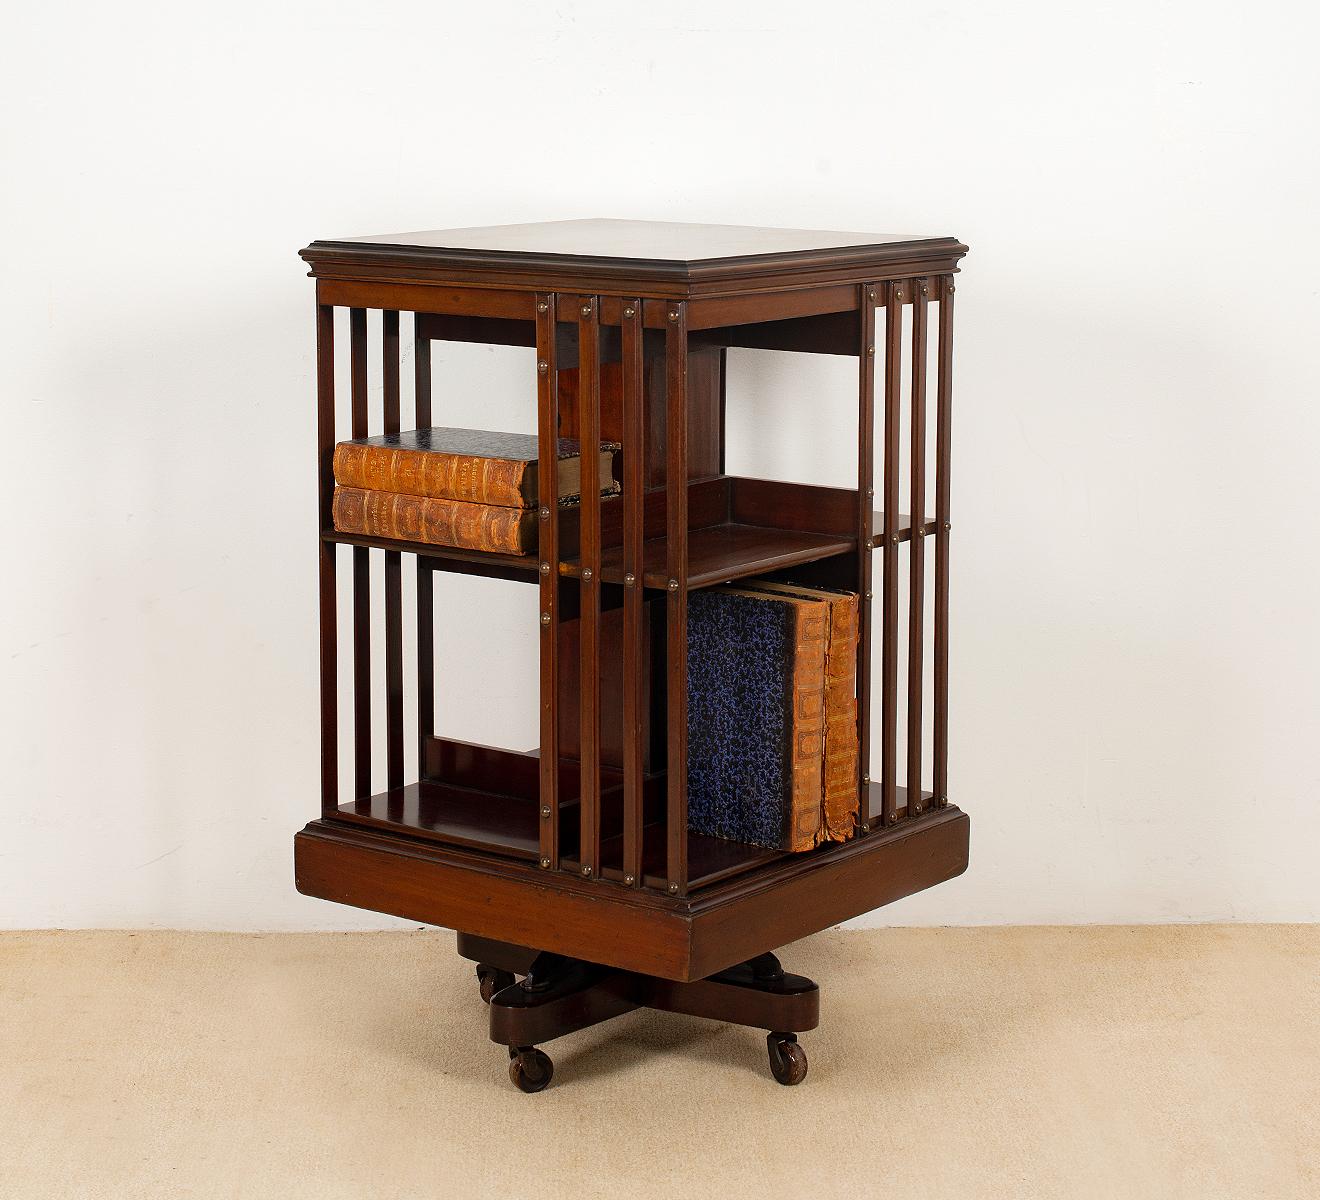 Compacte mahonie boekenmolen